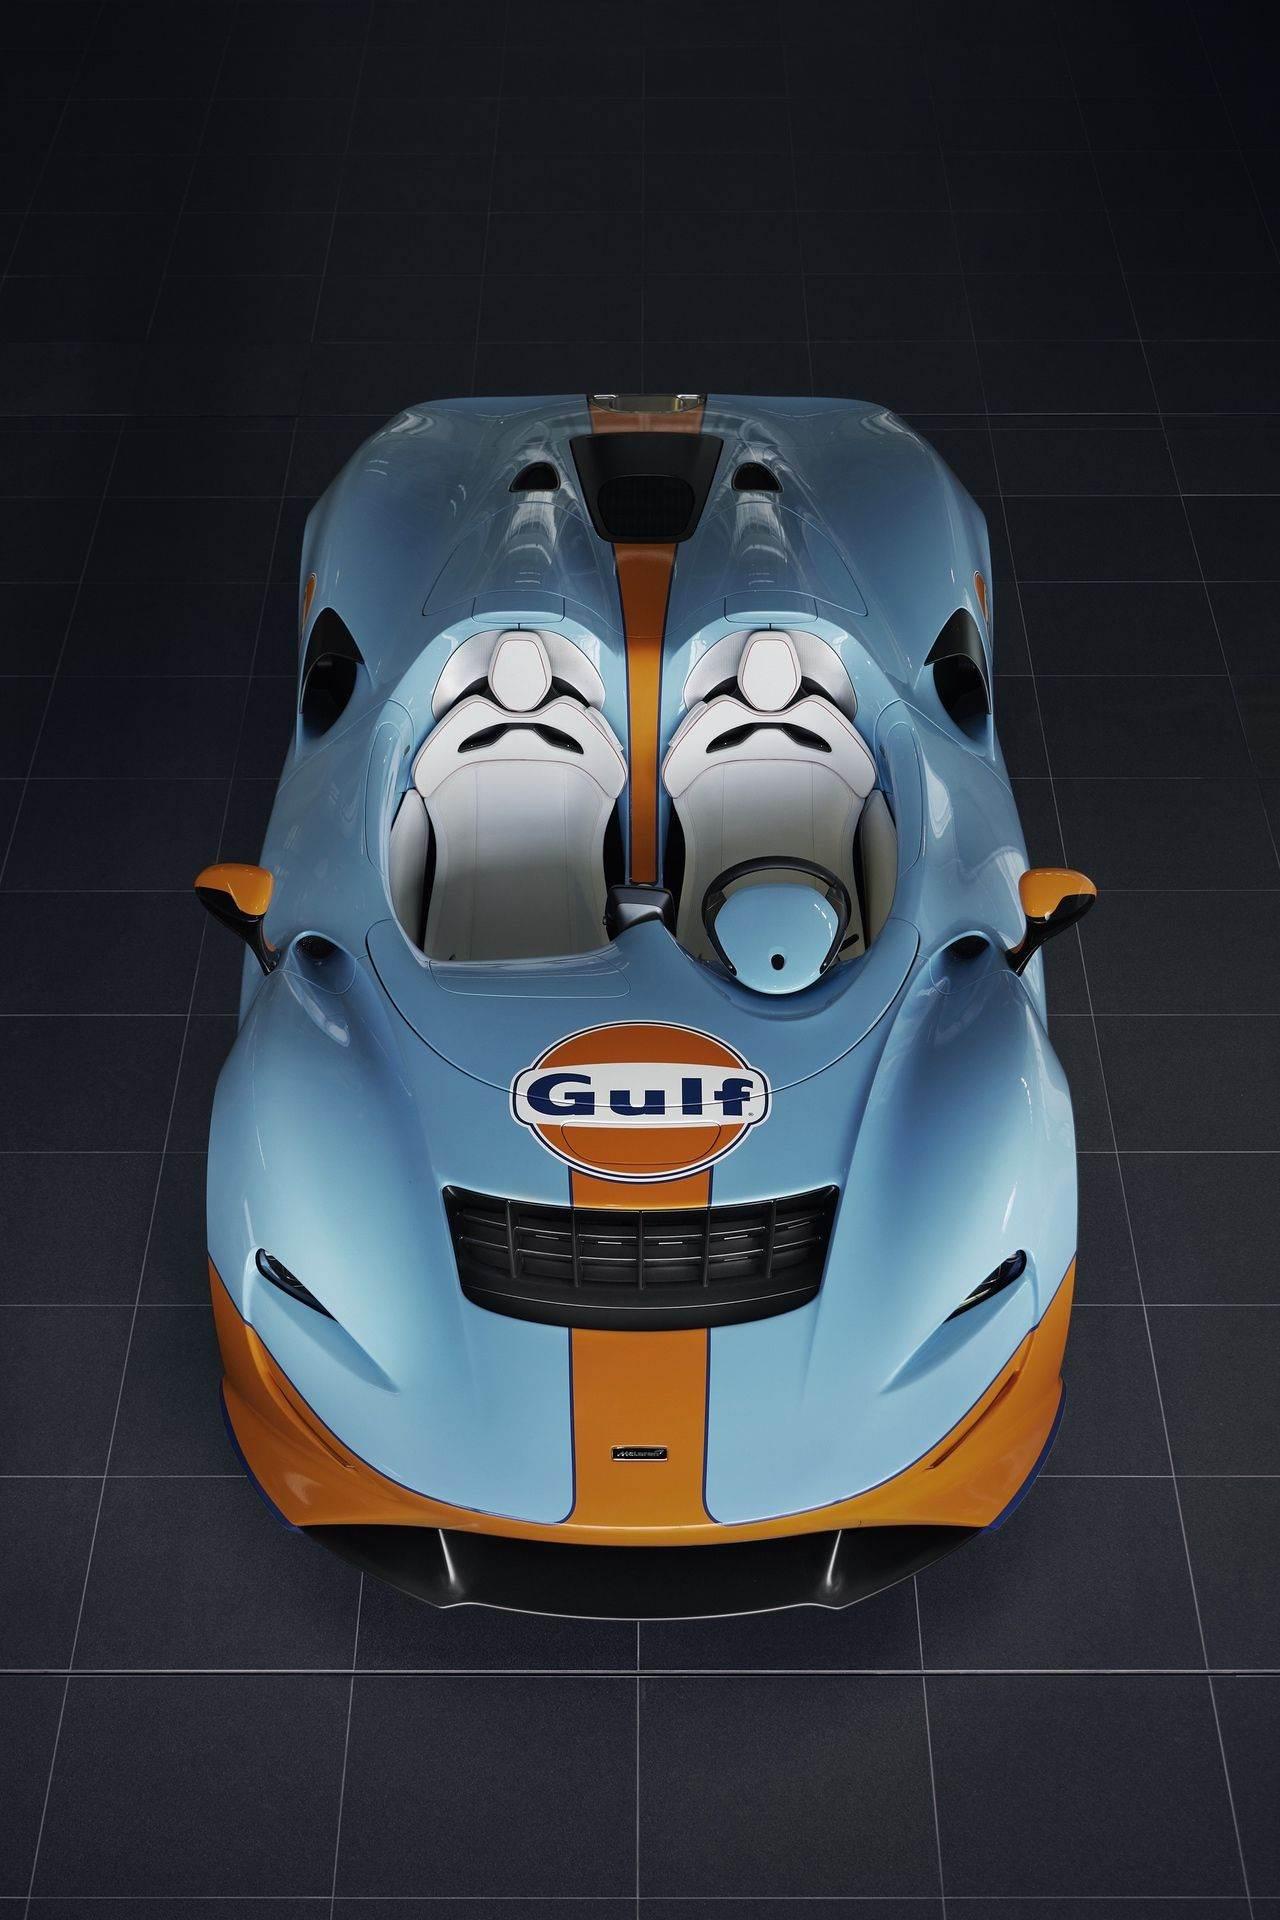 McLaren_Elva_Gulf_by_MSO_0003